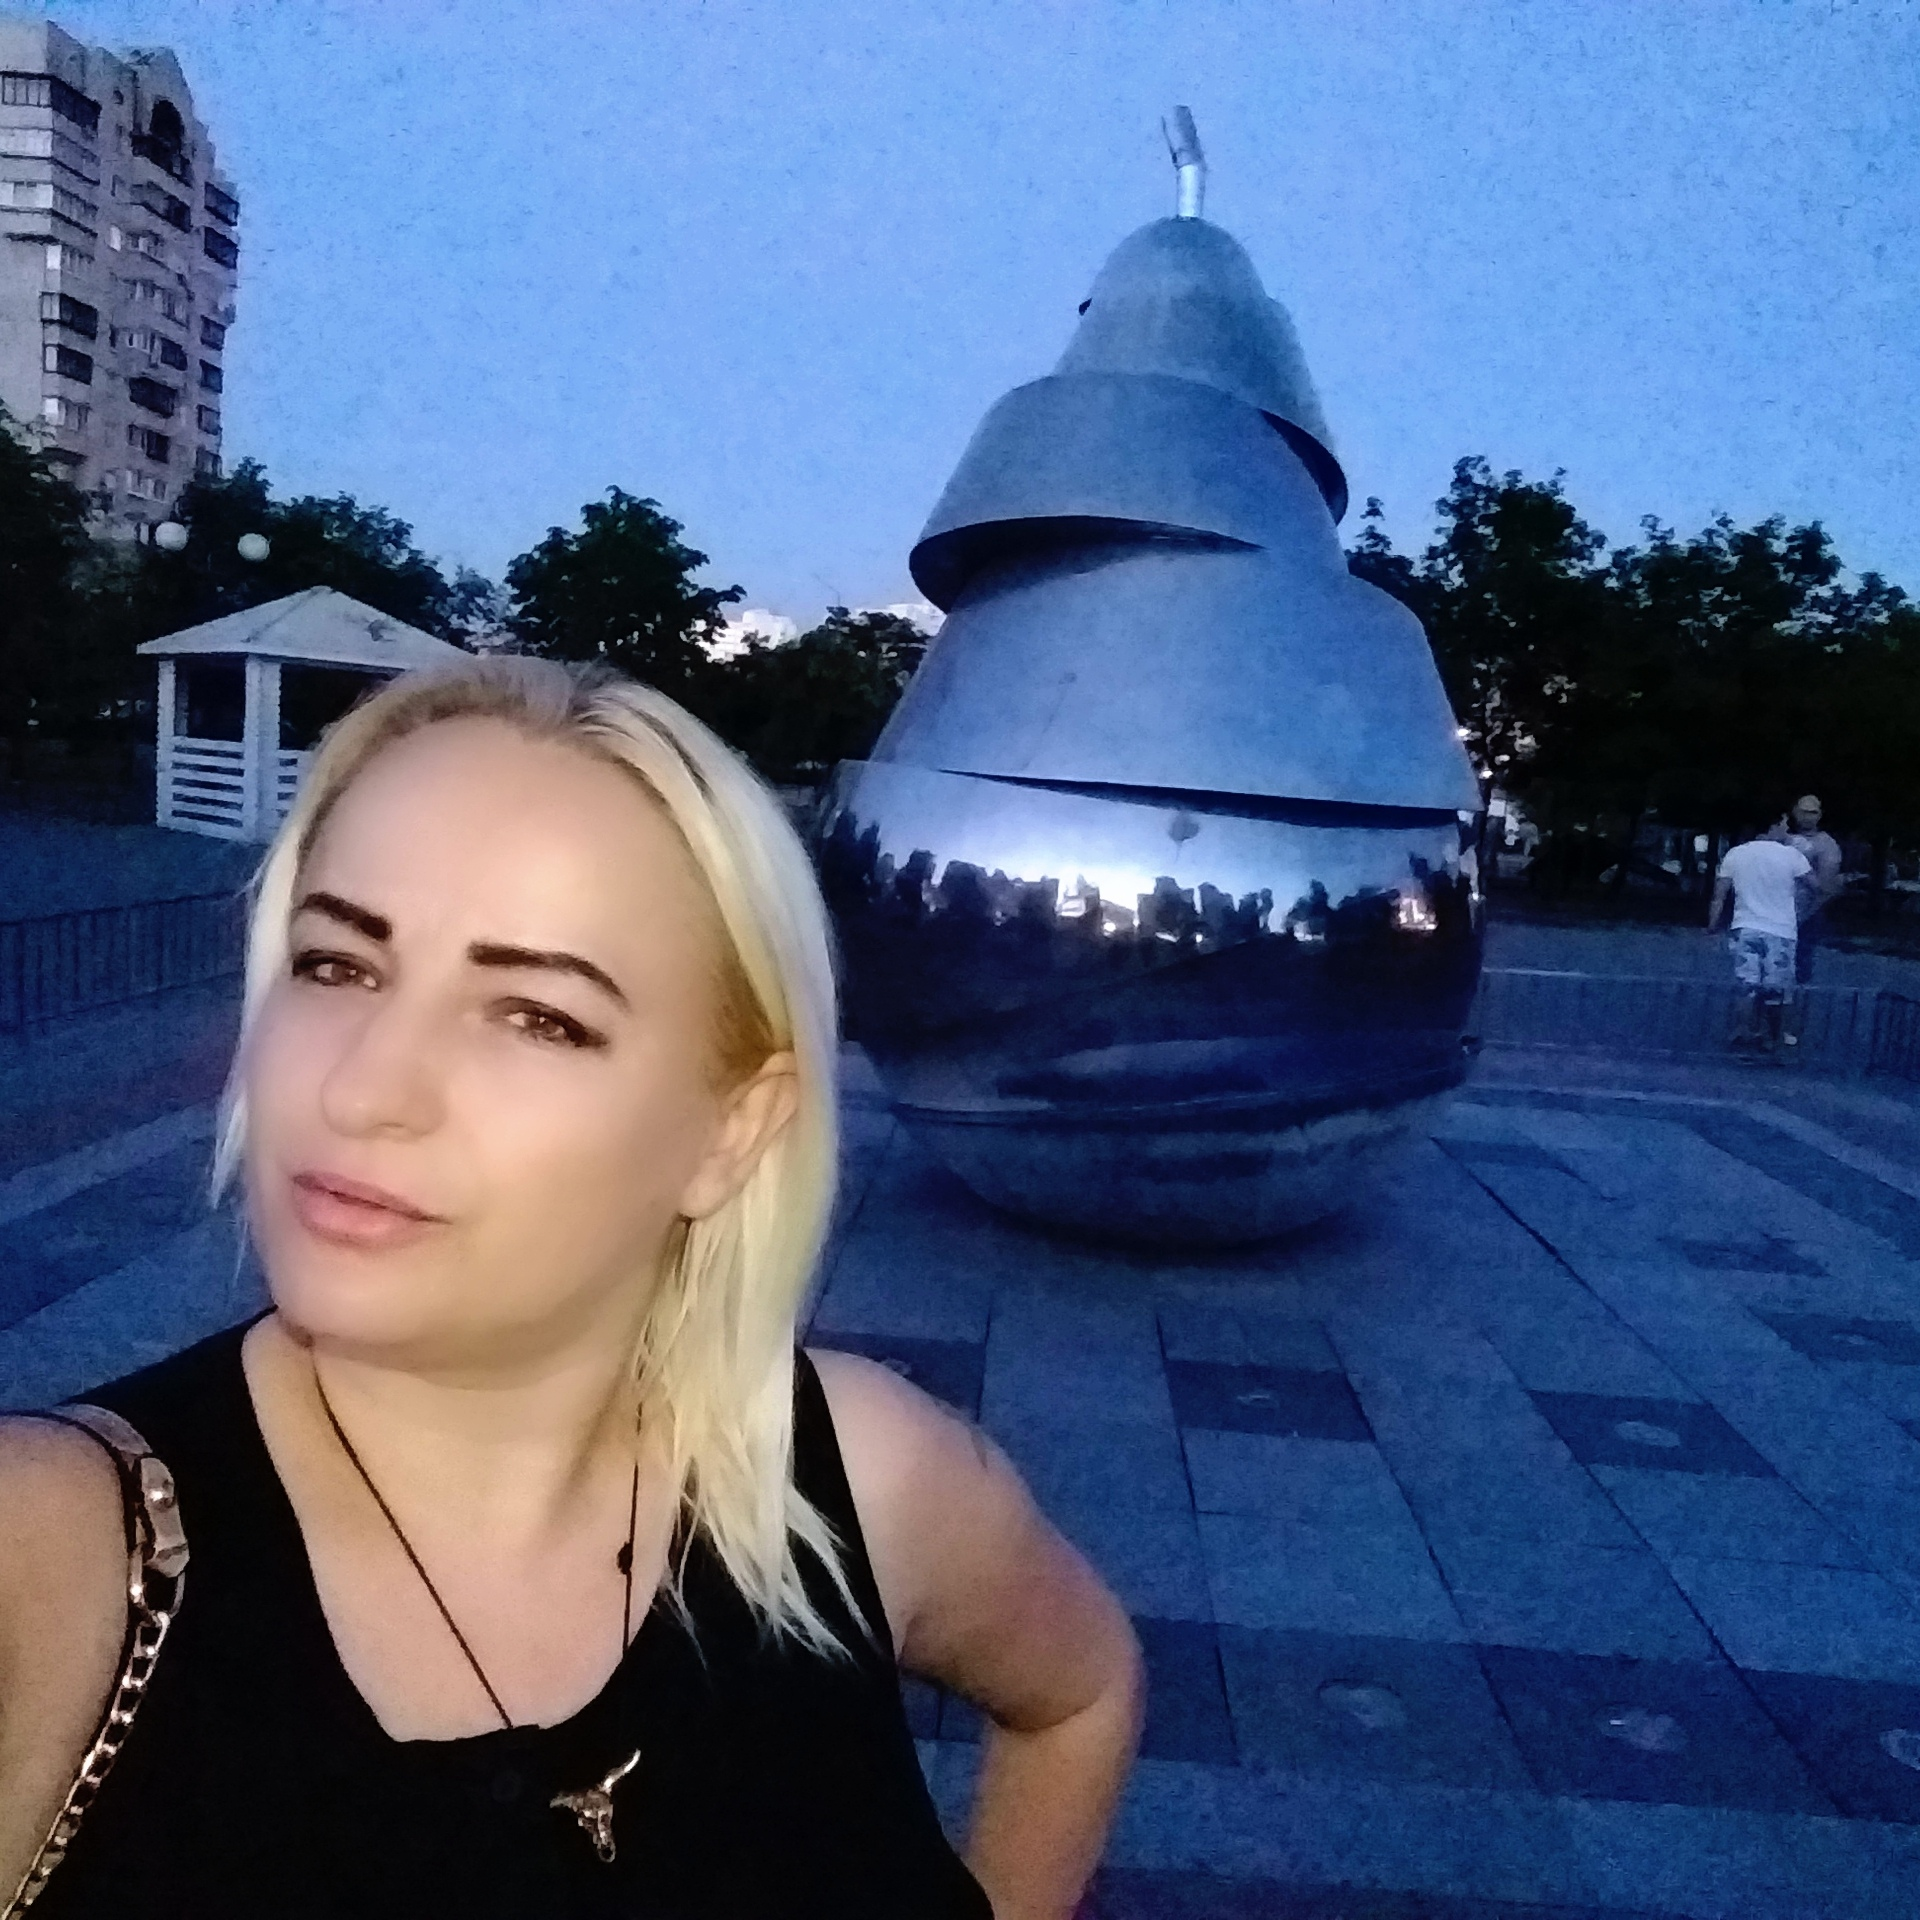 никосия - Елена Руденко. Мои путешествия (фото/видео) - Страница 3 NPC8qwkkiIs